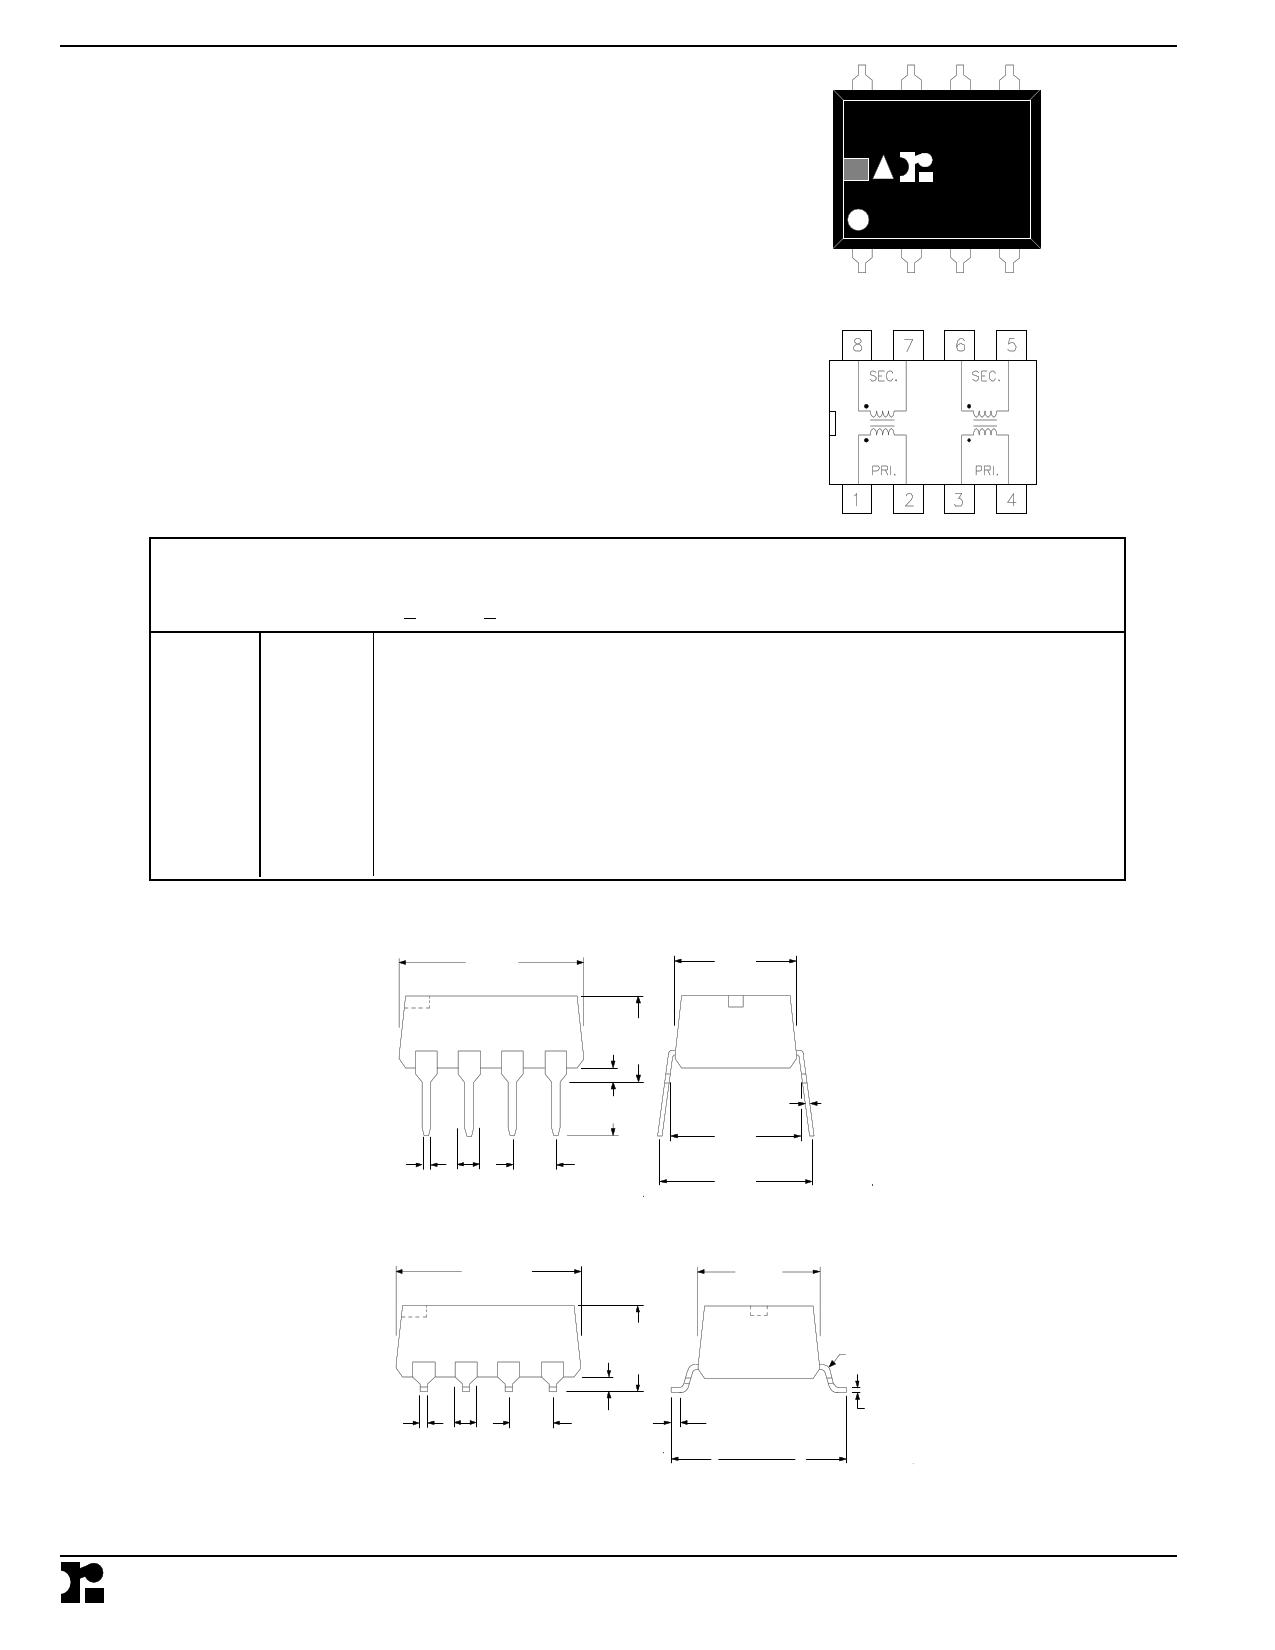 T-11407 Hoja de datos, Descripción, Manual